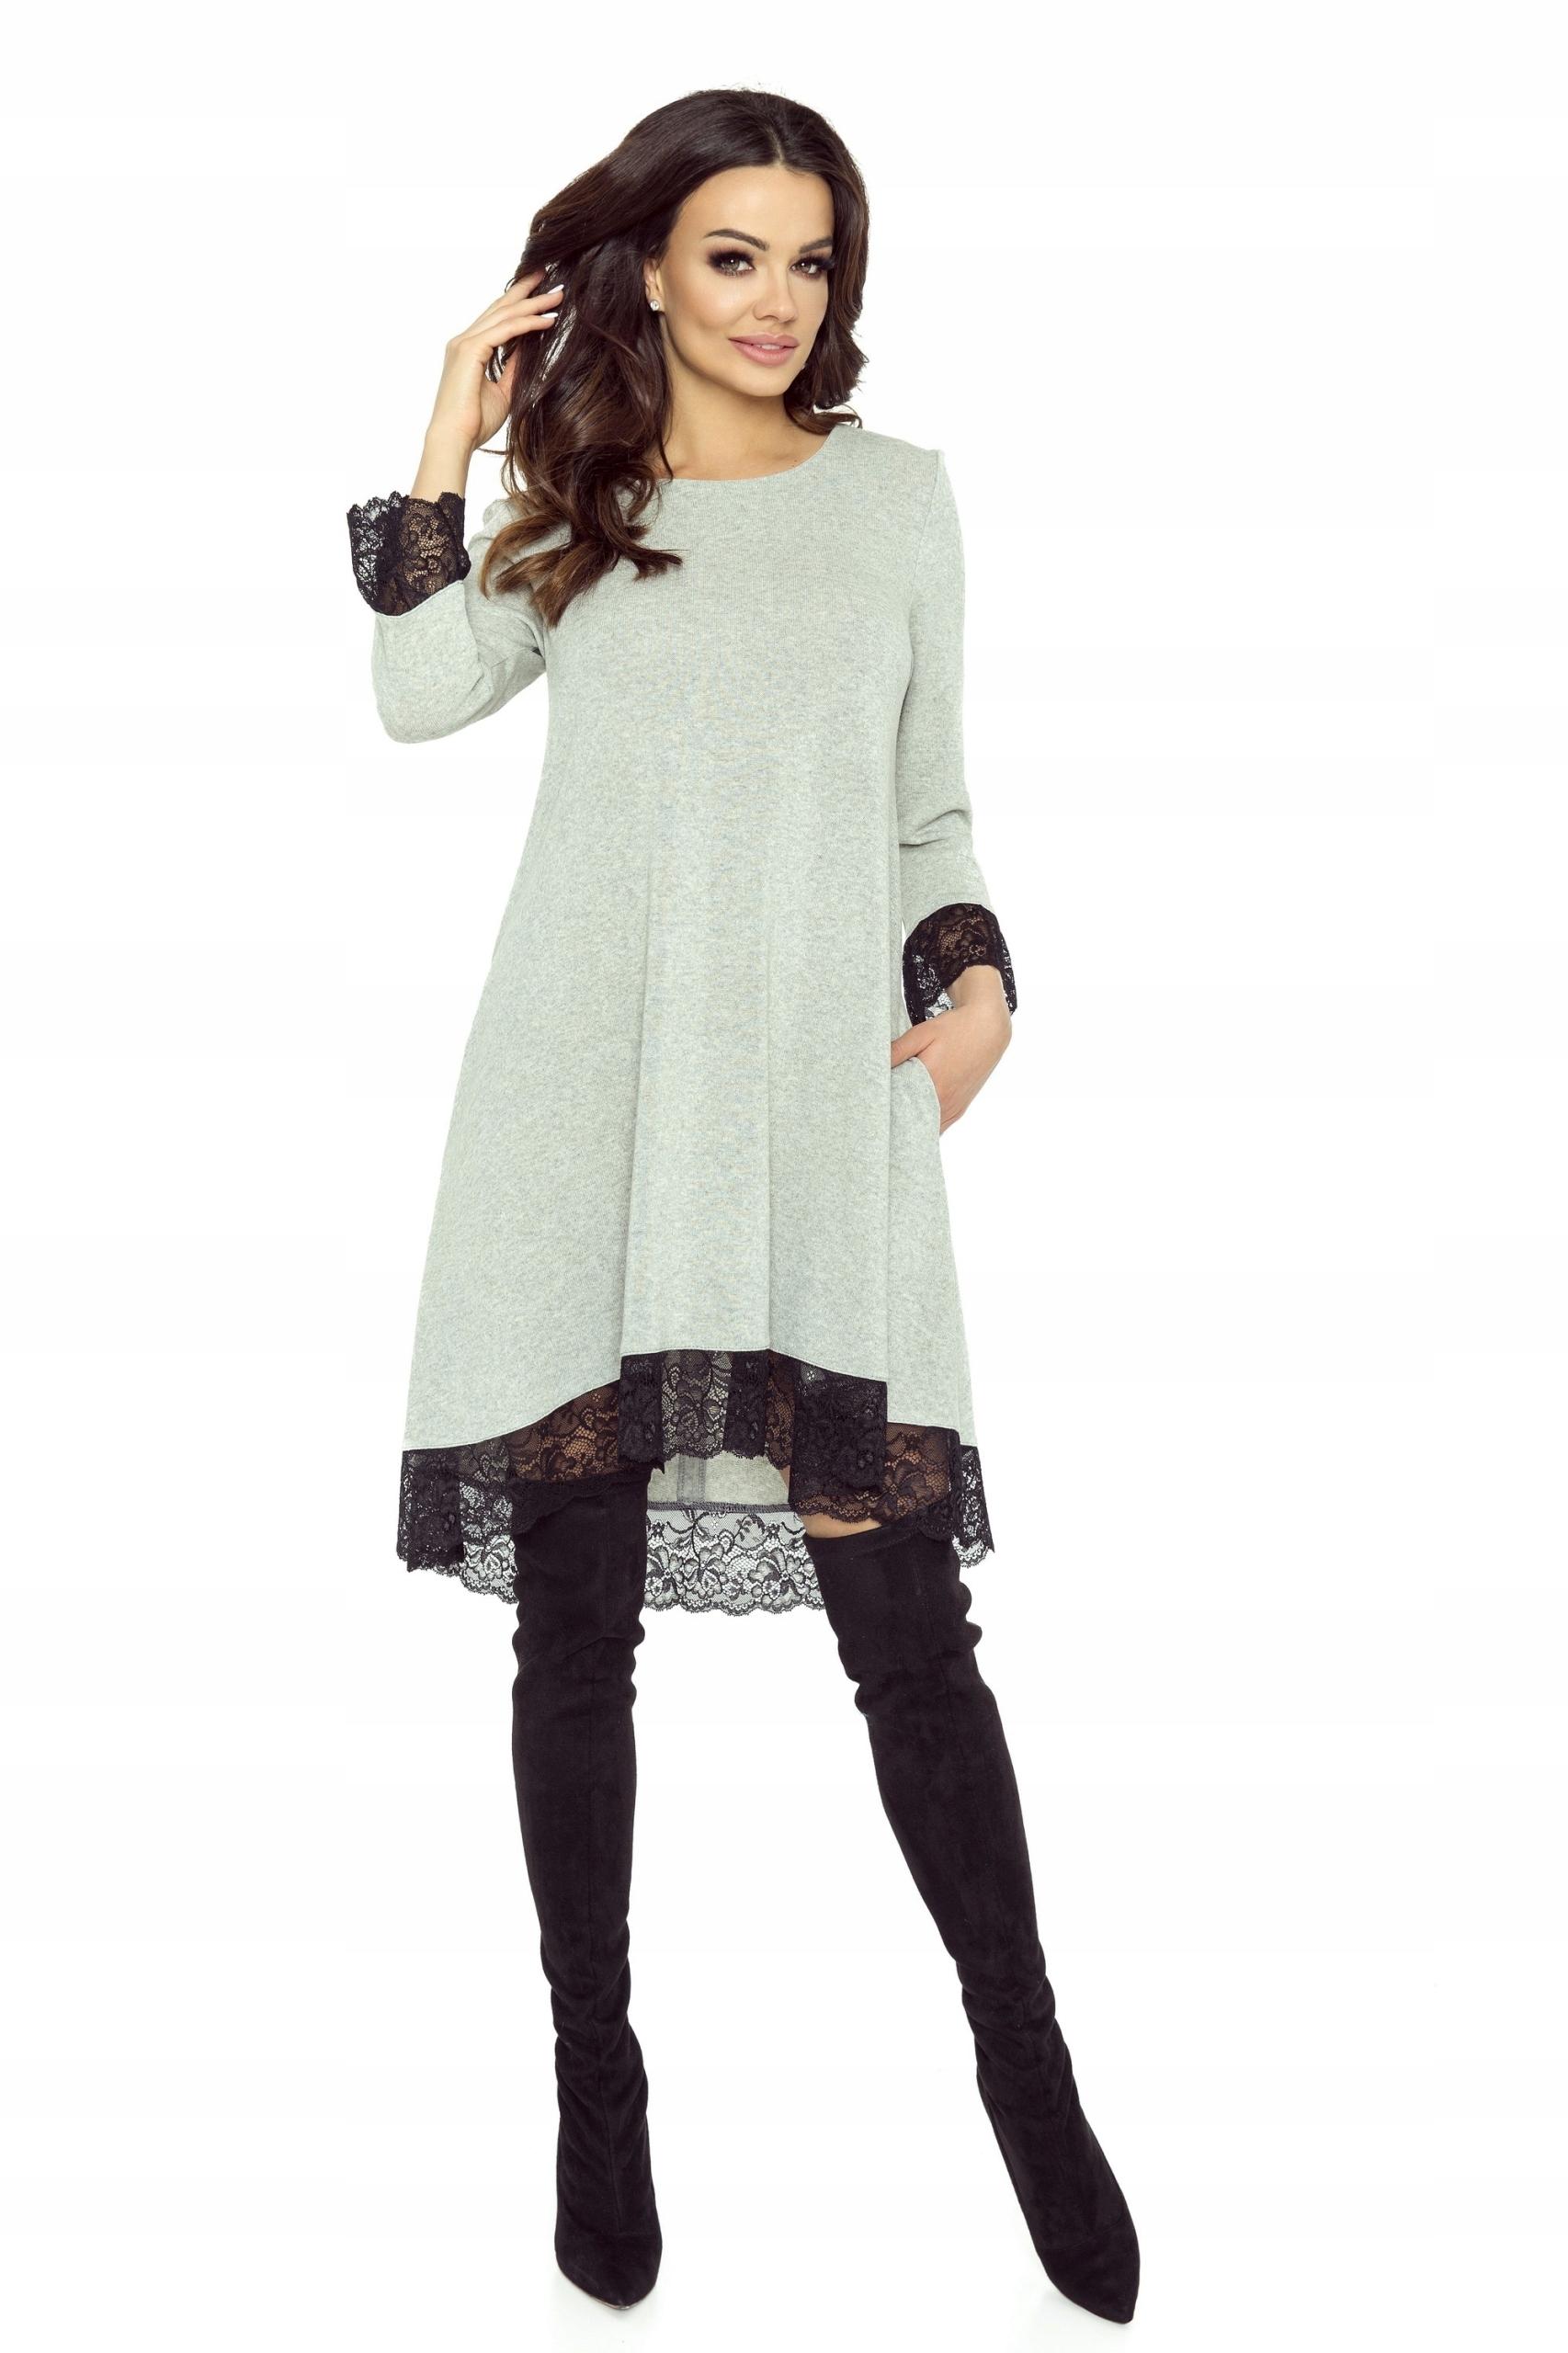 09f92c8712 Trapezowa sukienka z koronkowym wykończeniem Szary - 7444149804 ...